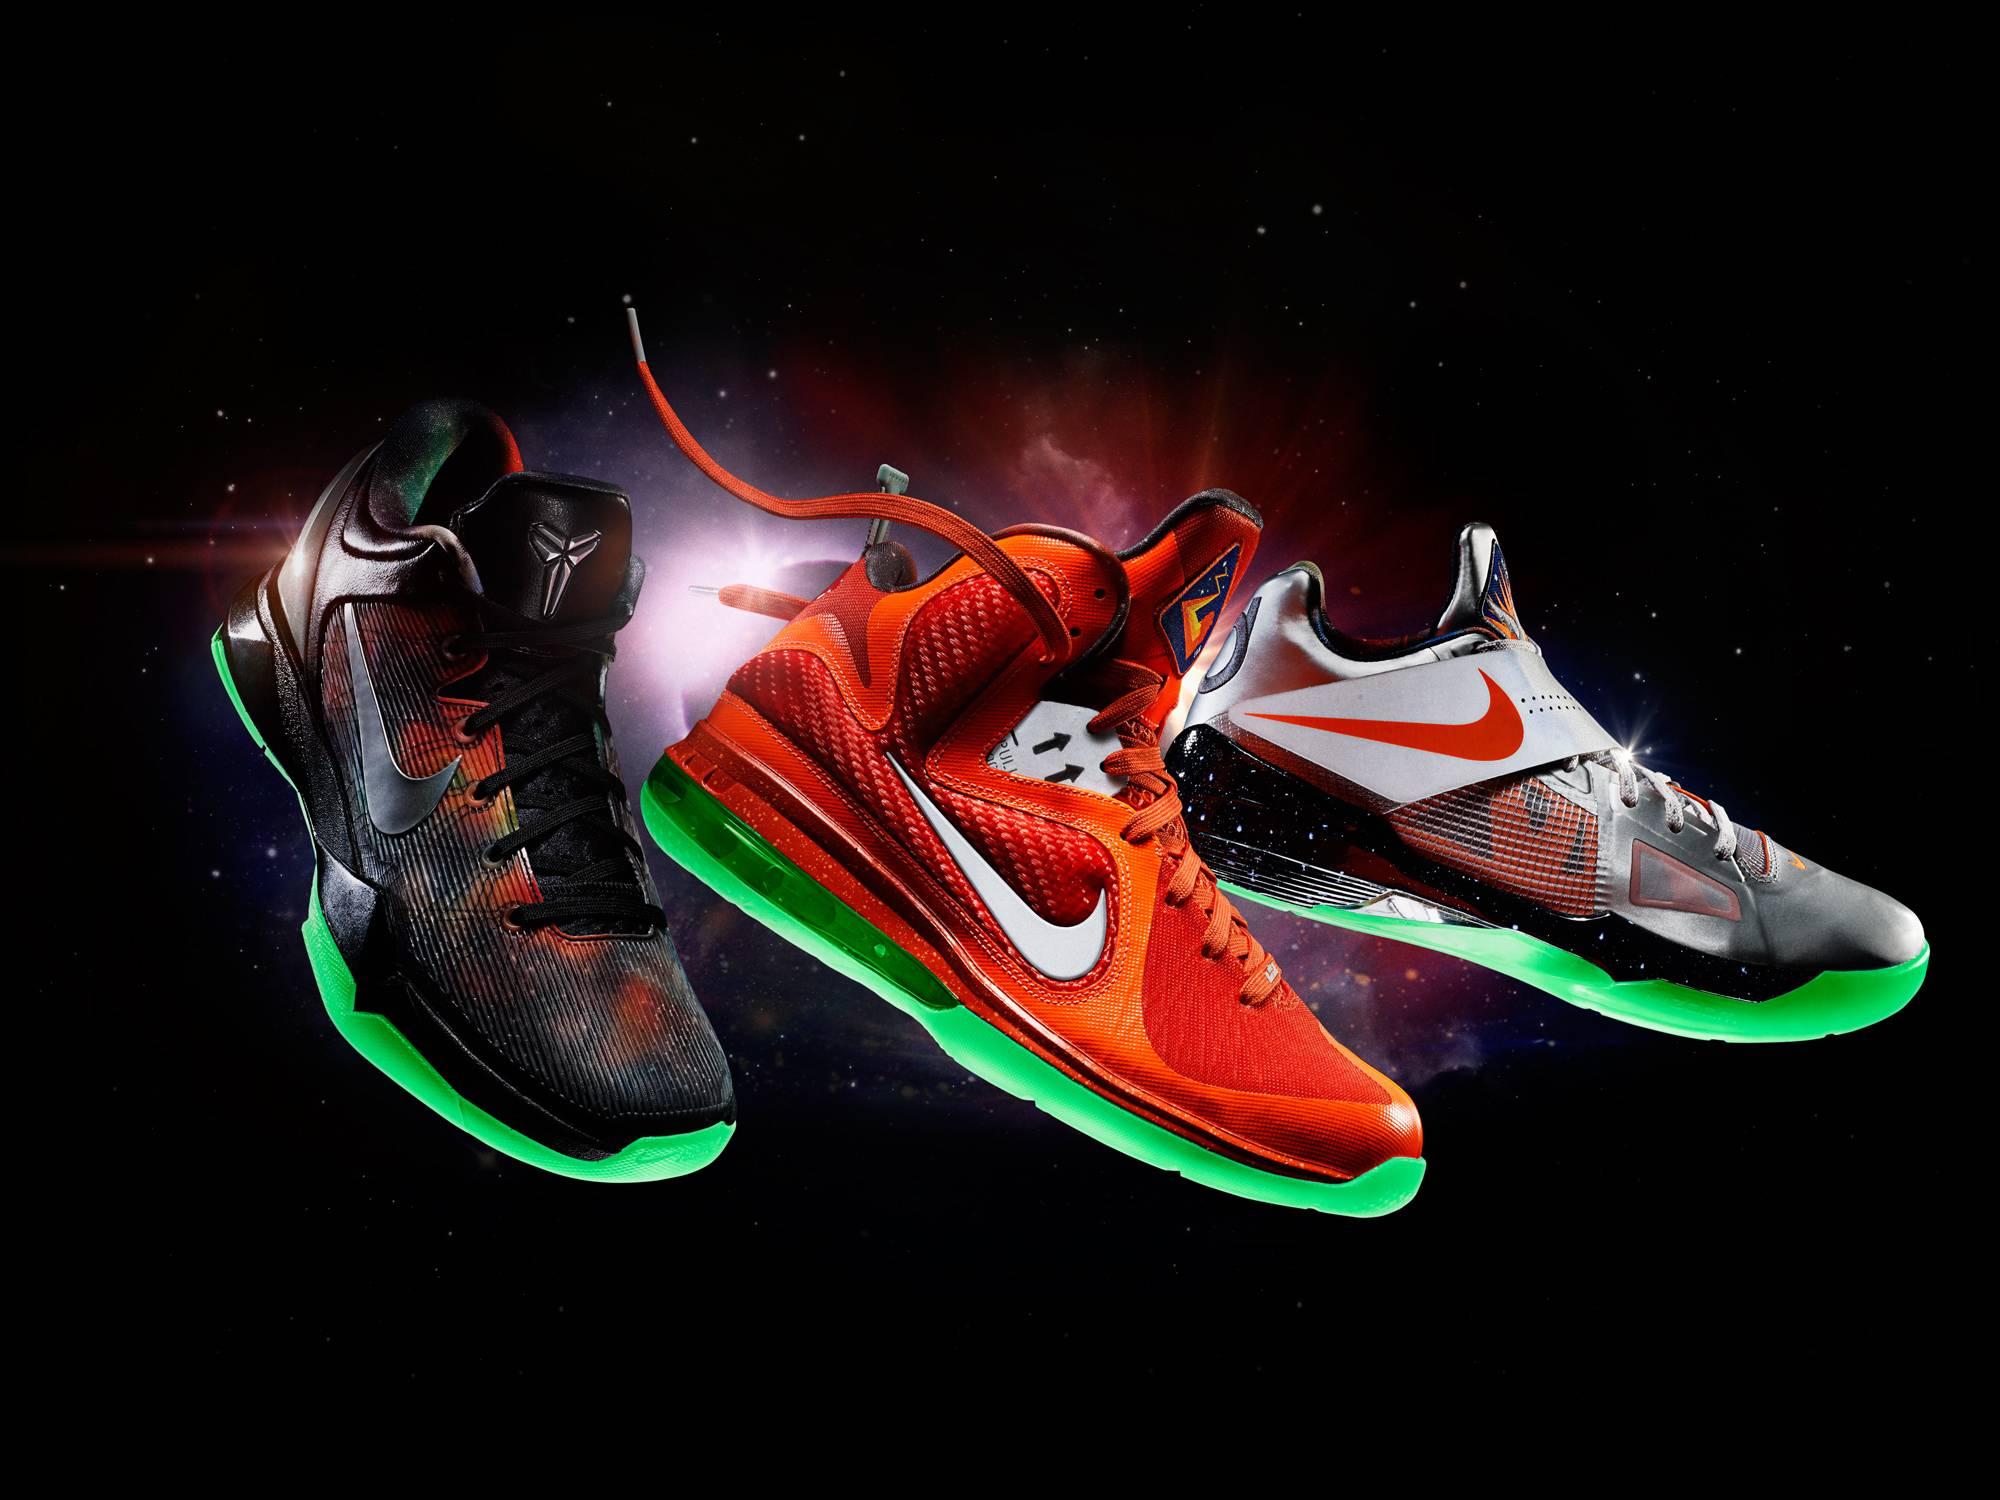 Nike Shoe Wallpaper - WallpaperSafari